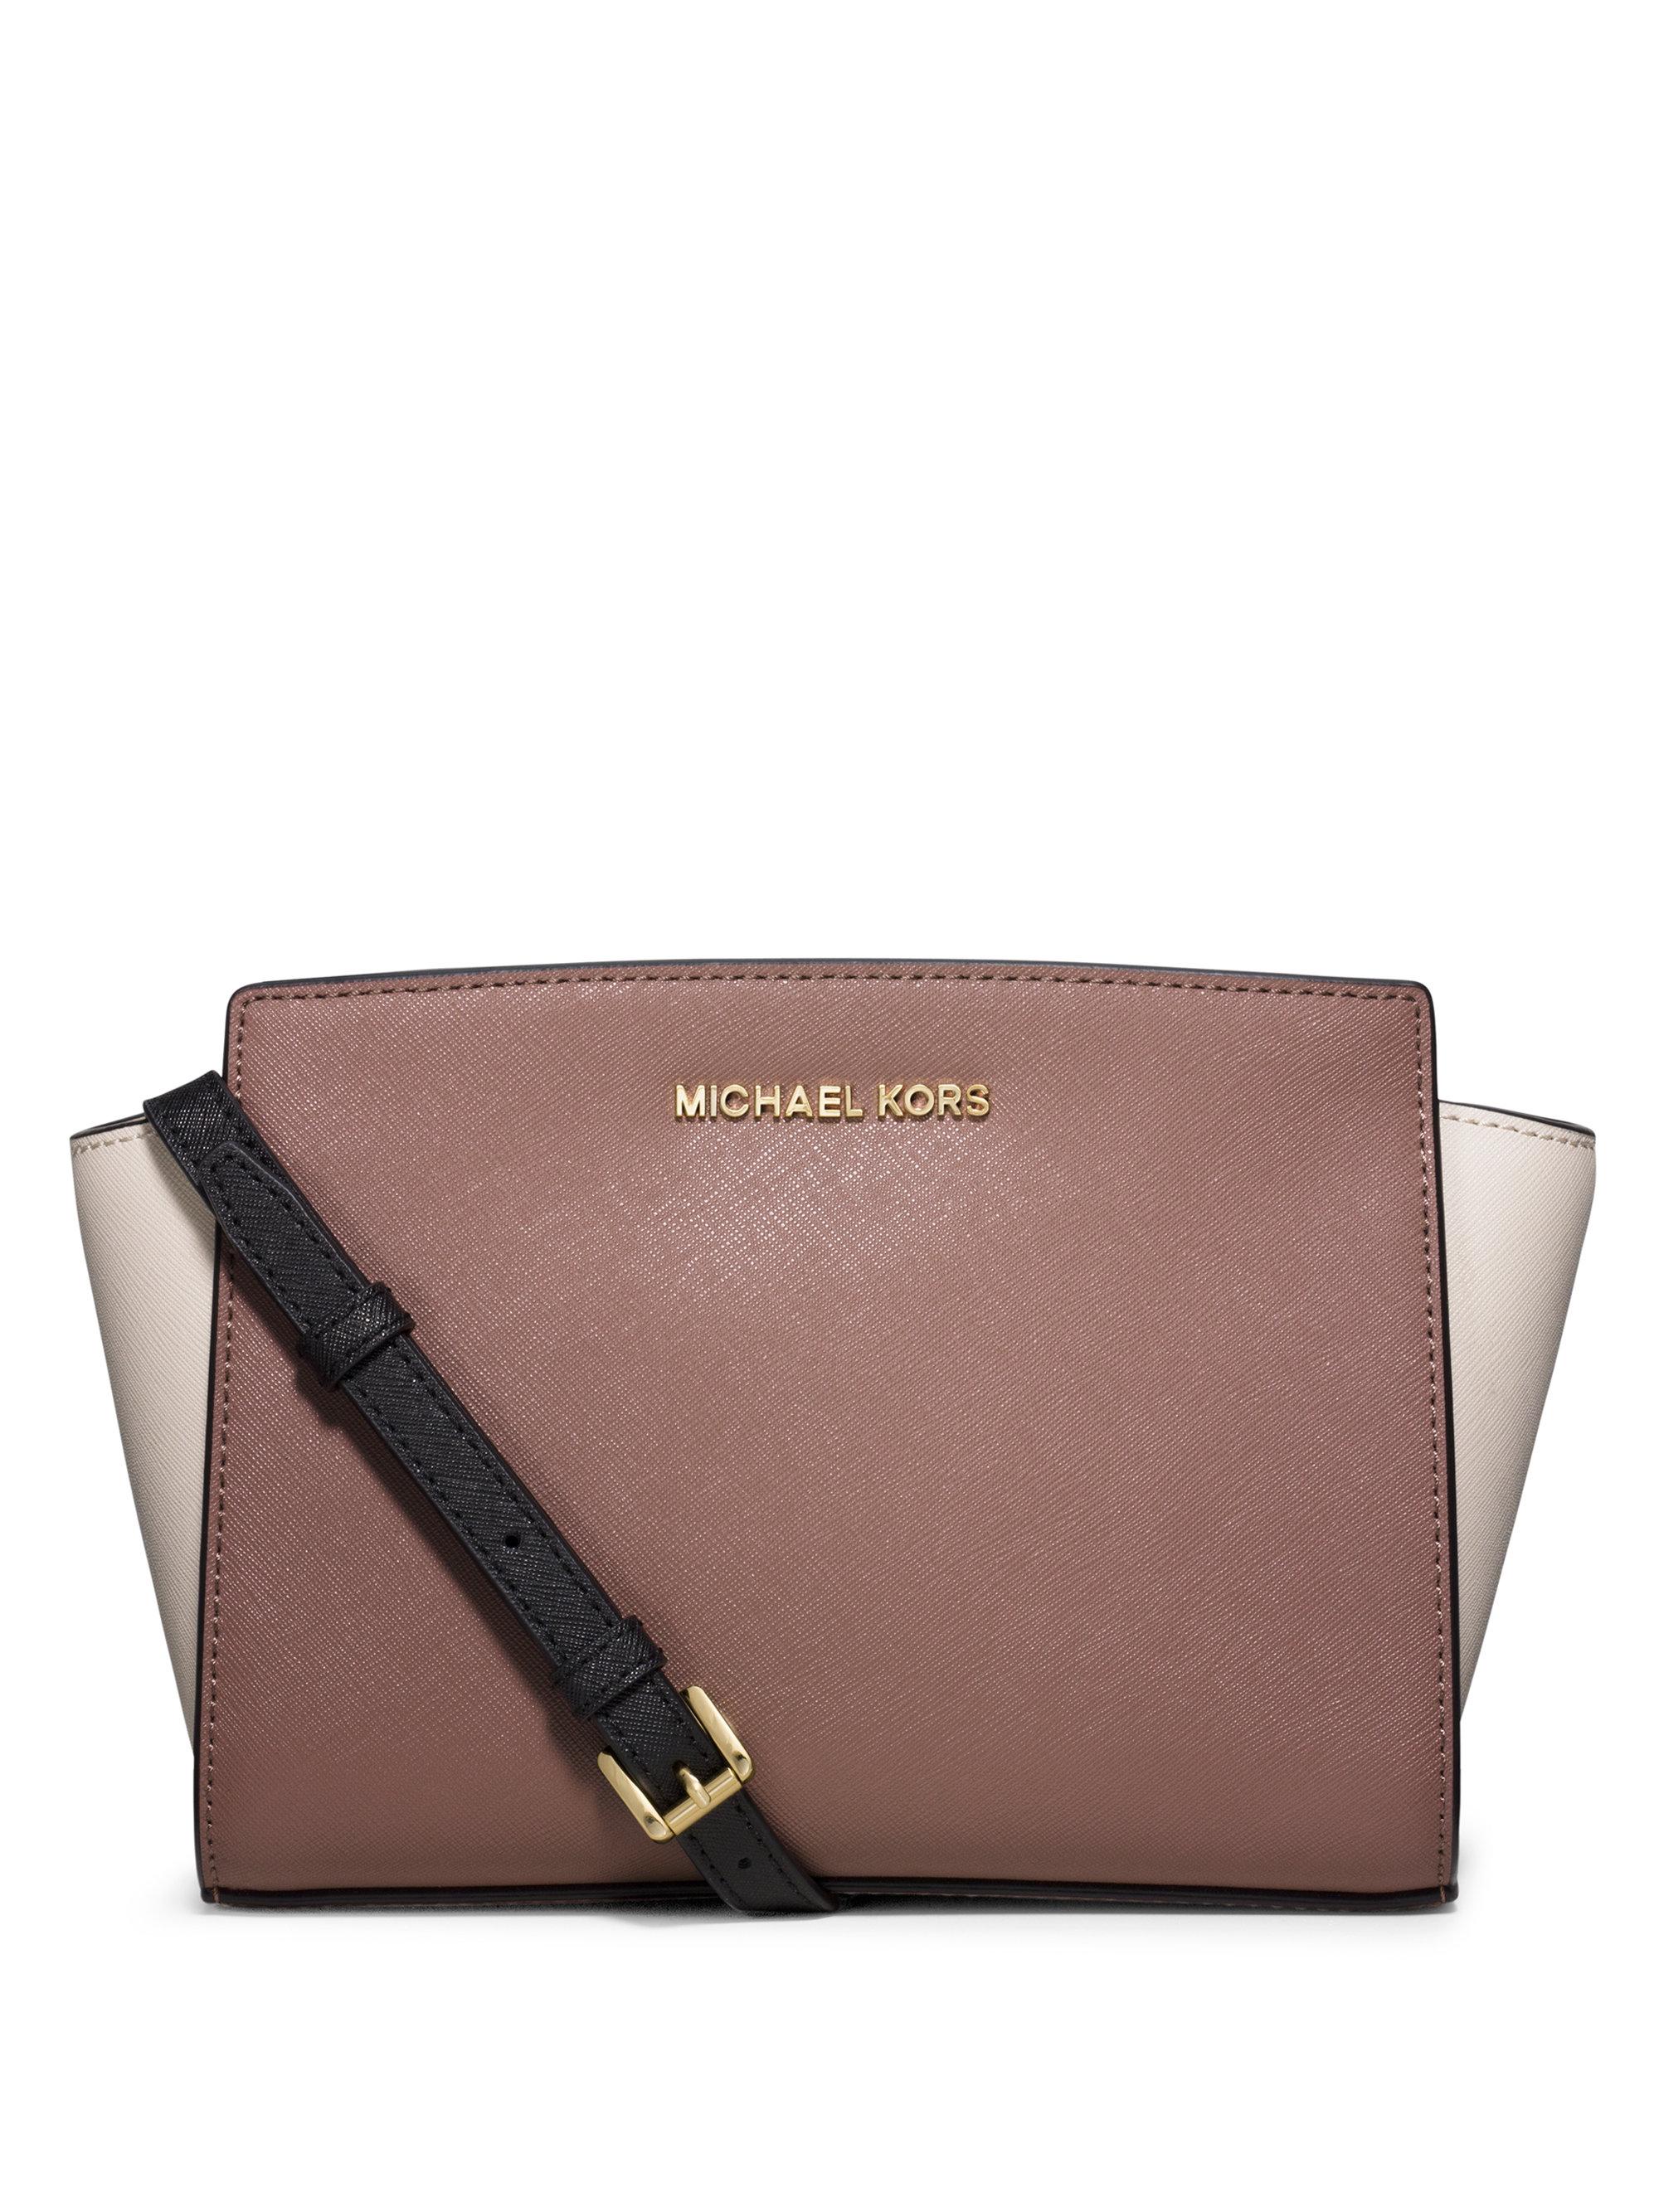 26da980c9121 ... wholesale lyst michael michael kors selma medium messenger bag in brown  34e33 f1128